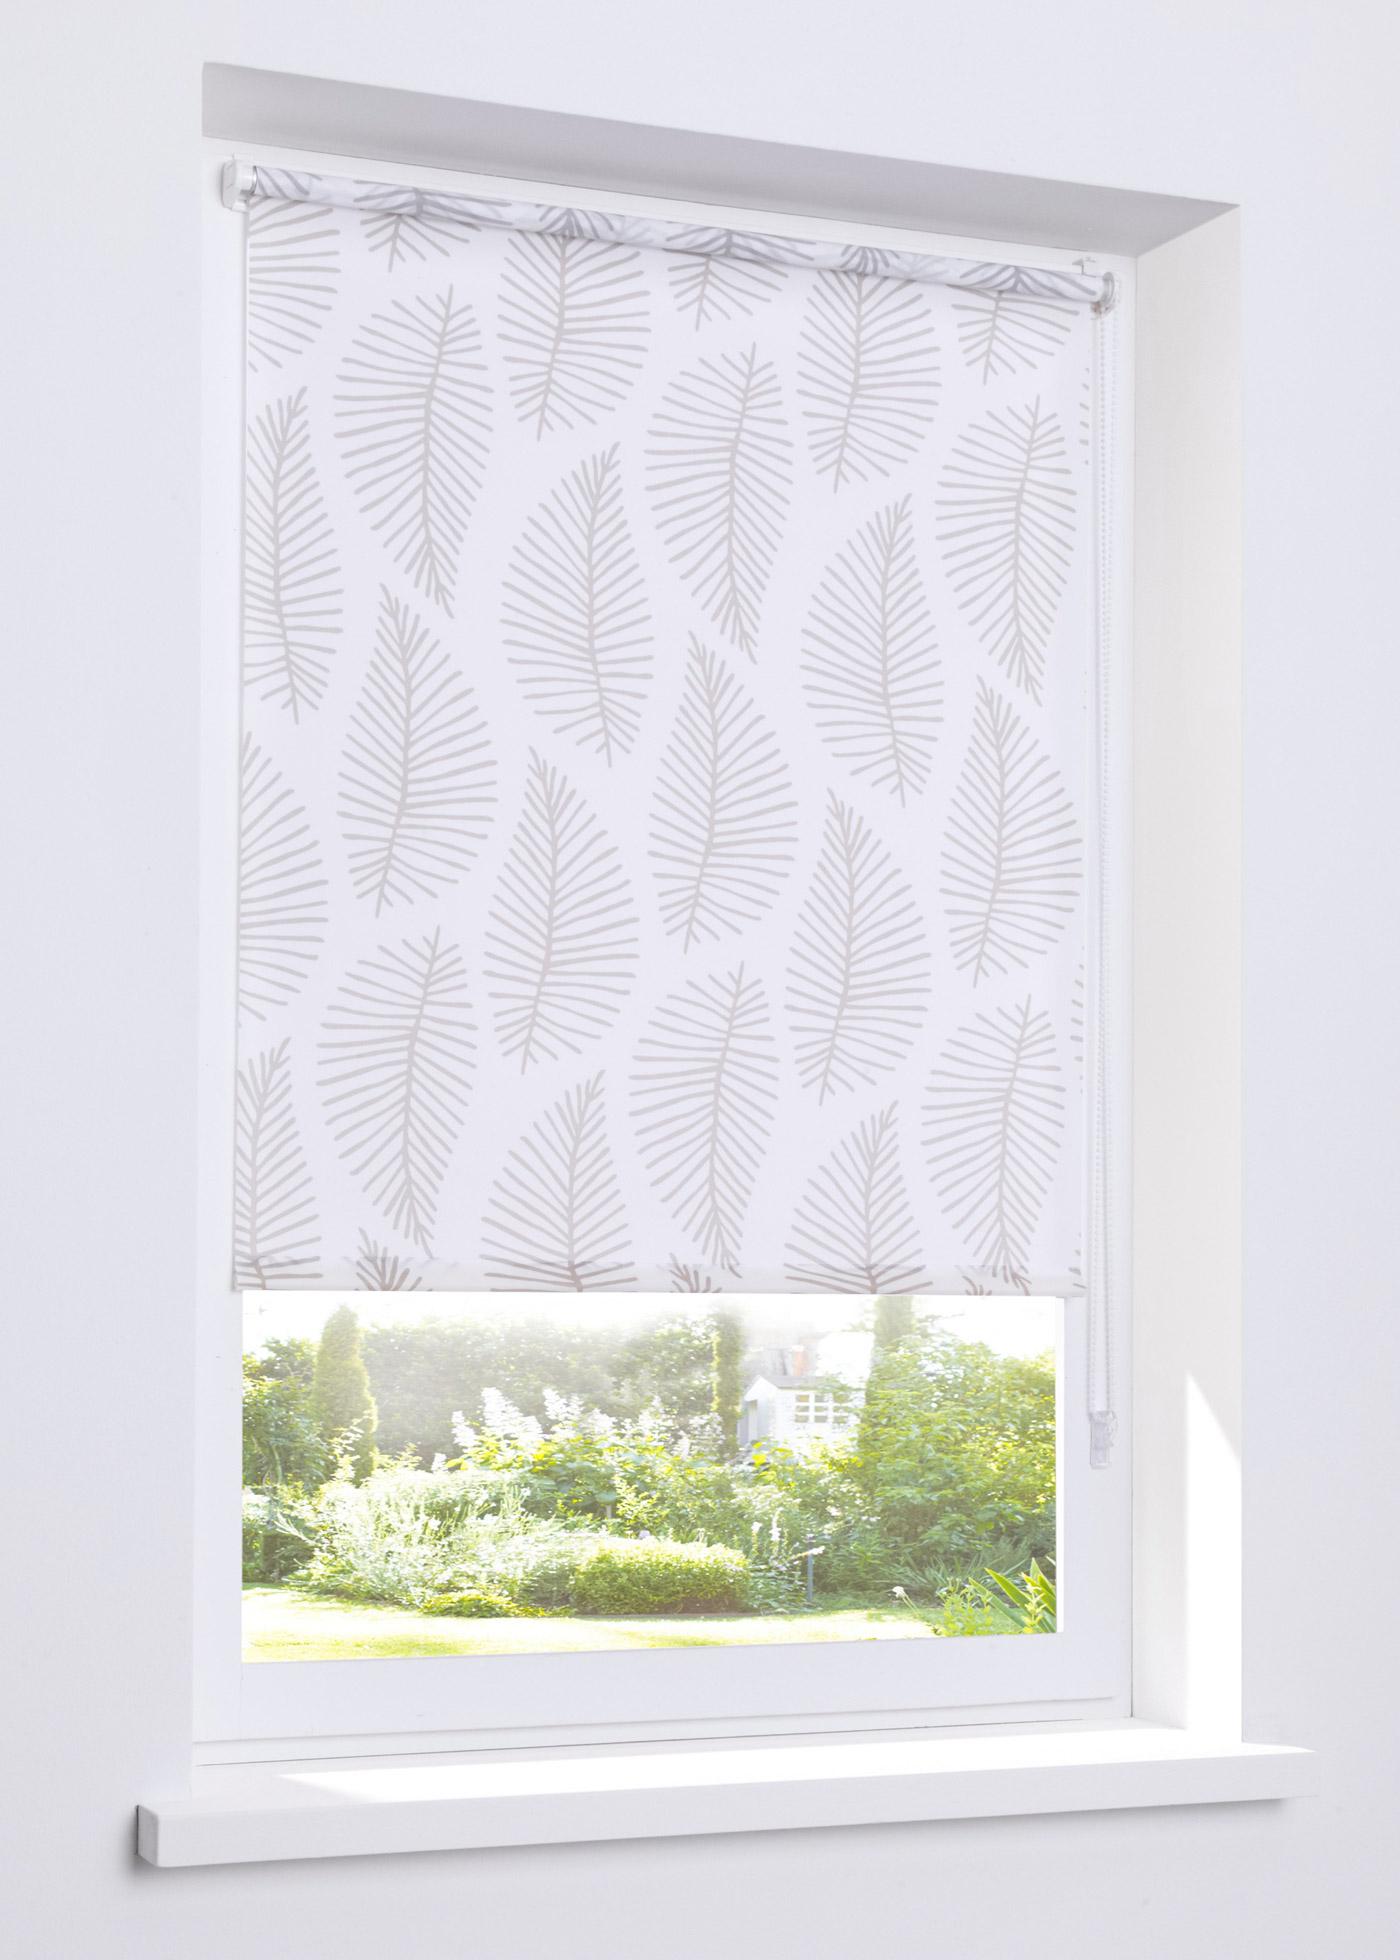 Sichtschutzrollo mit Blätter Druck in weiß von bonprix